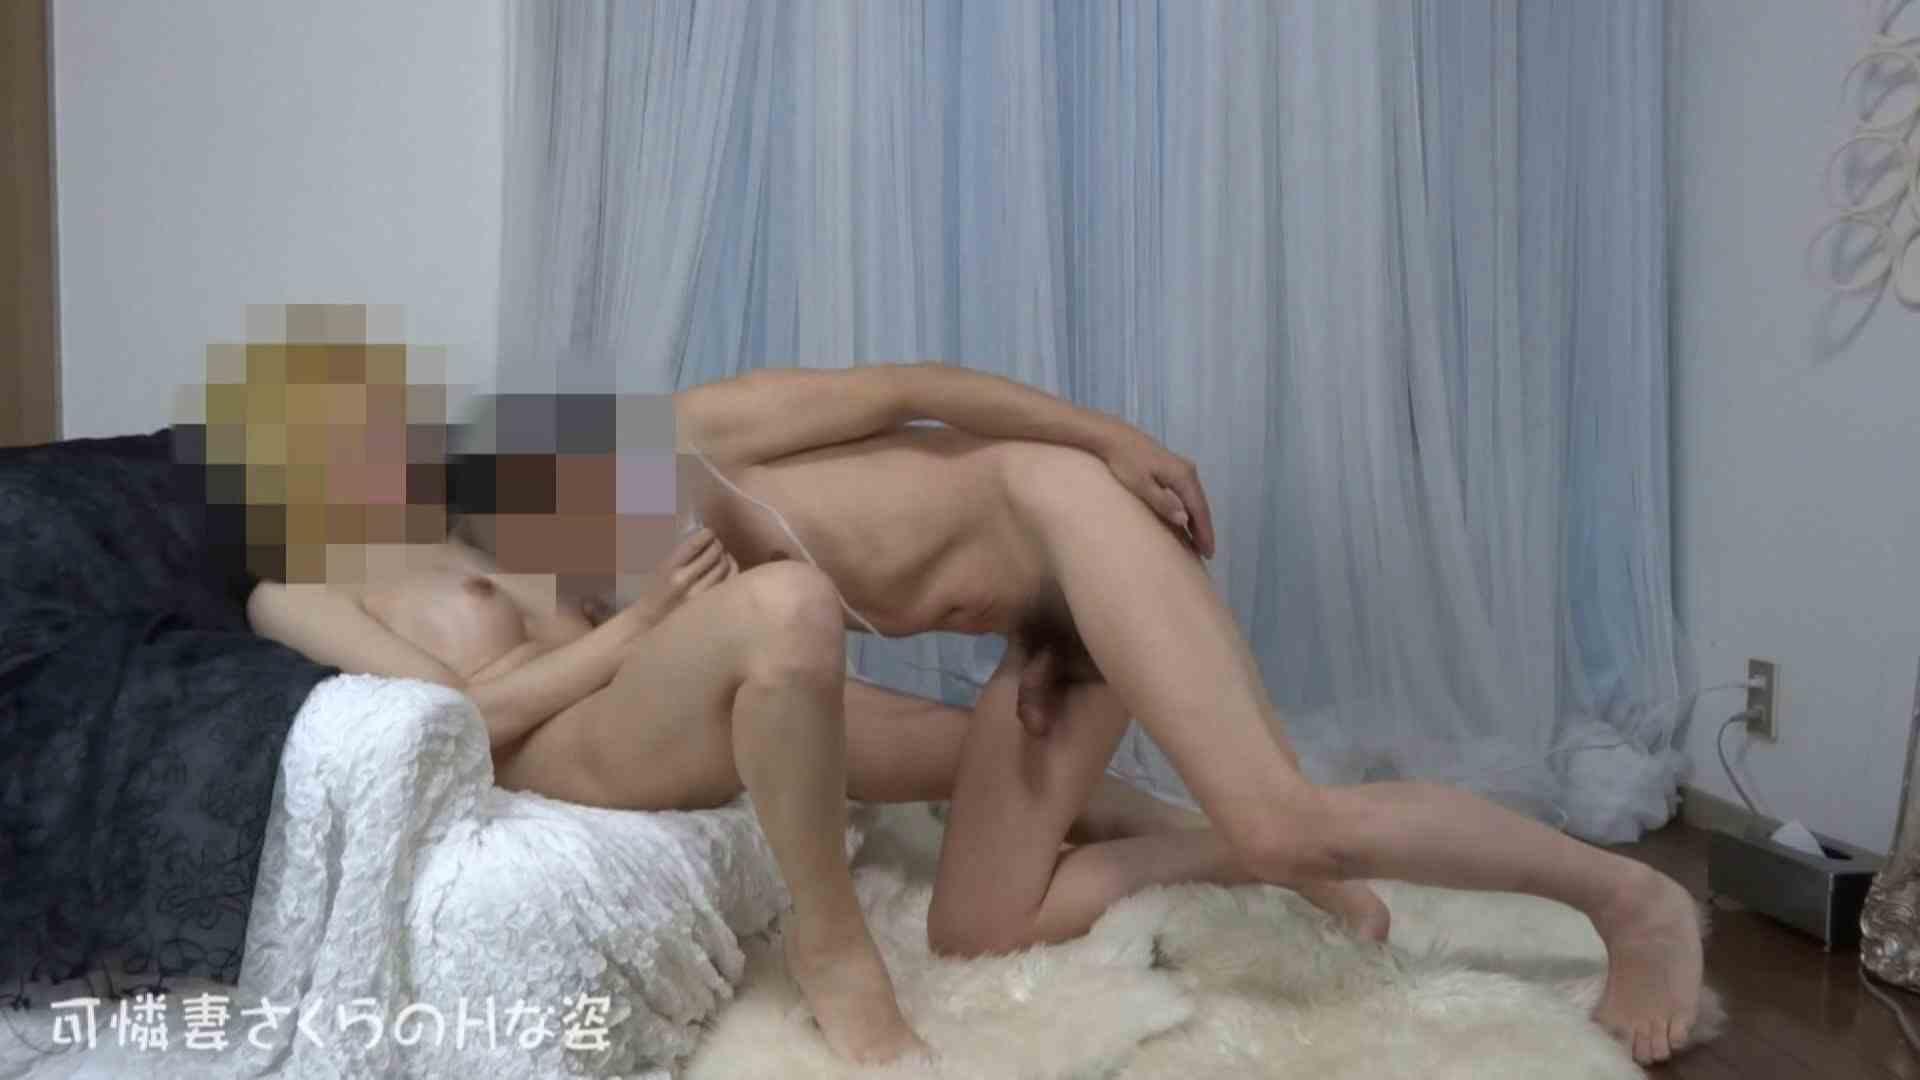 可憐妻さくらのHな姿vol.29 マンコバッチリ | セックス  12pic 1